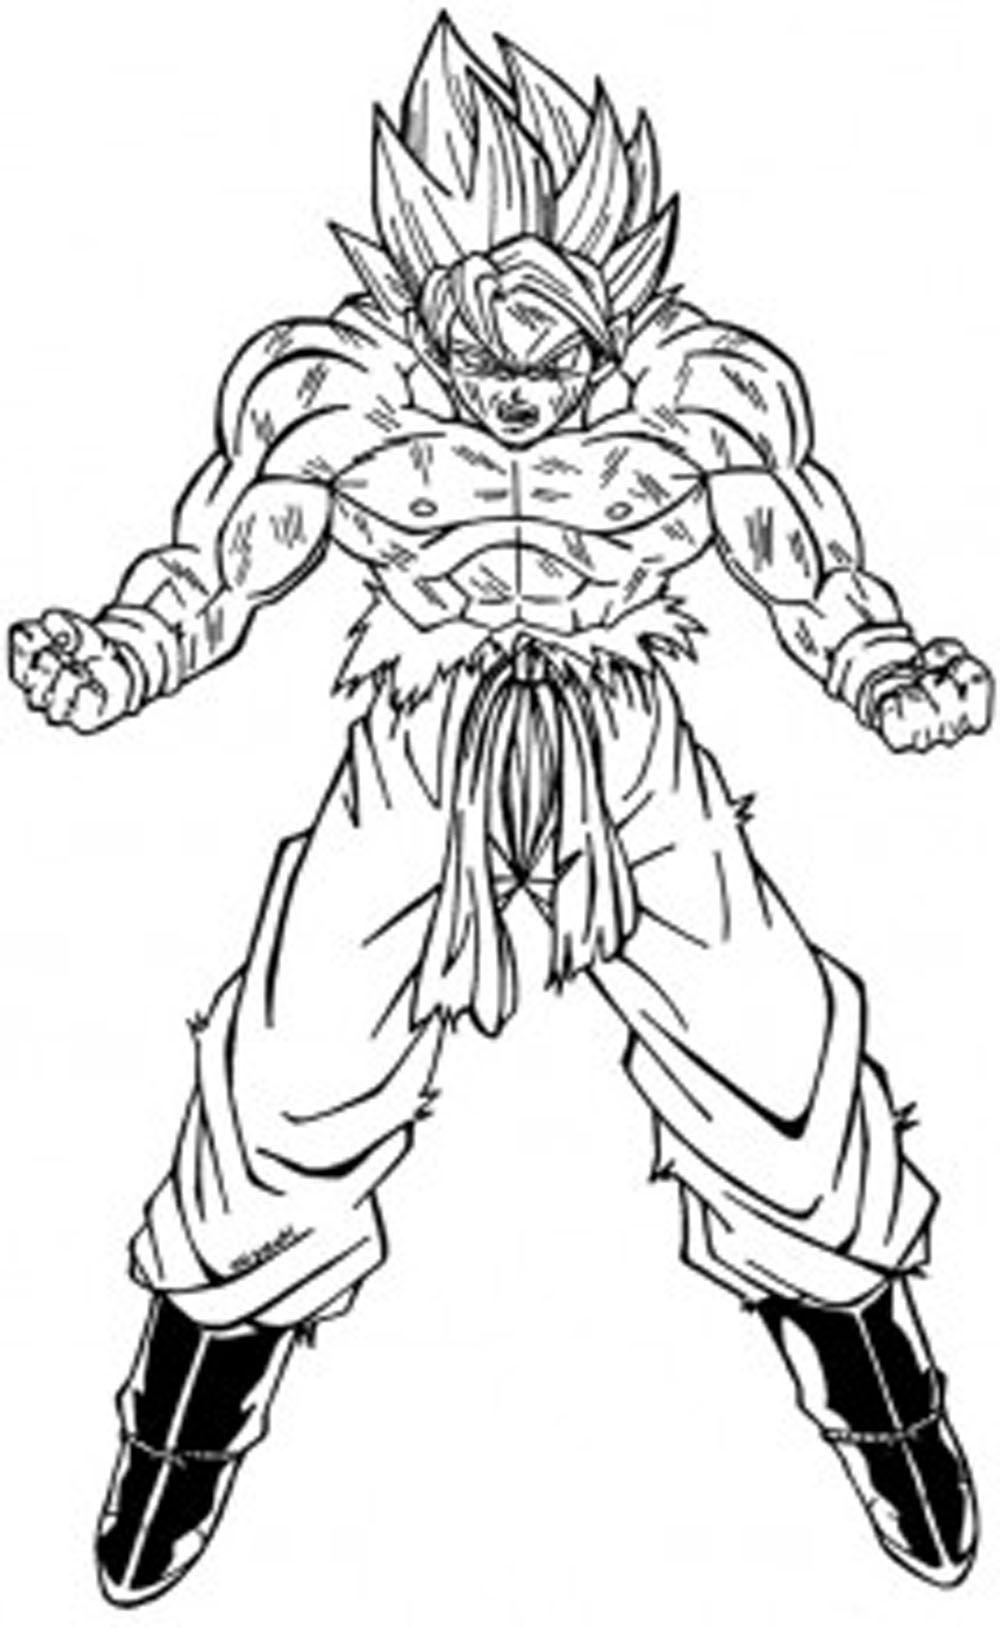 Dibujo de Goku fase 2 sayan para colorear y dibujar ...